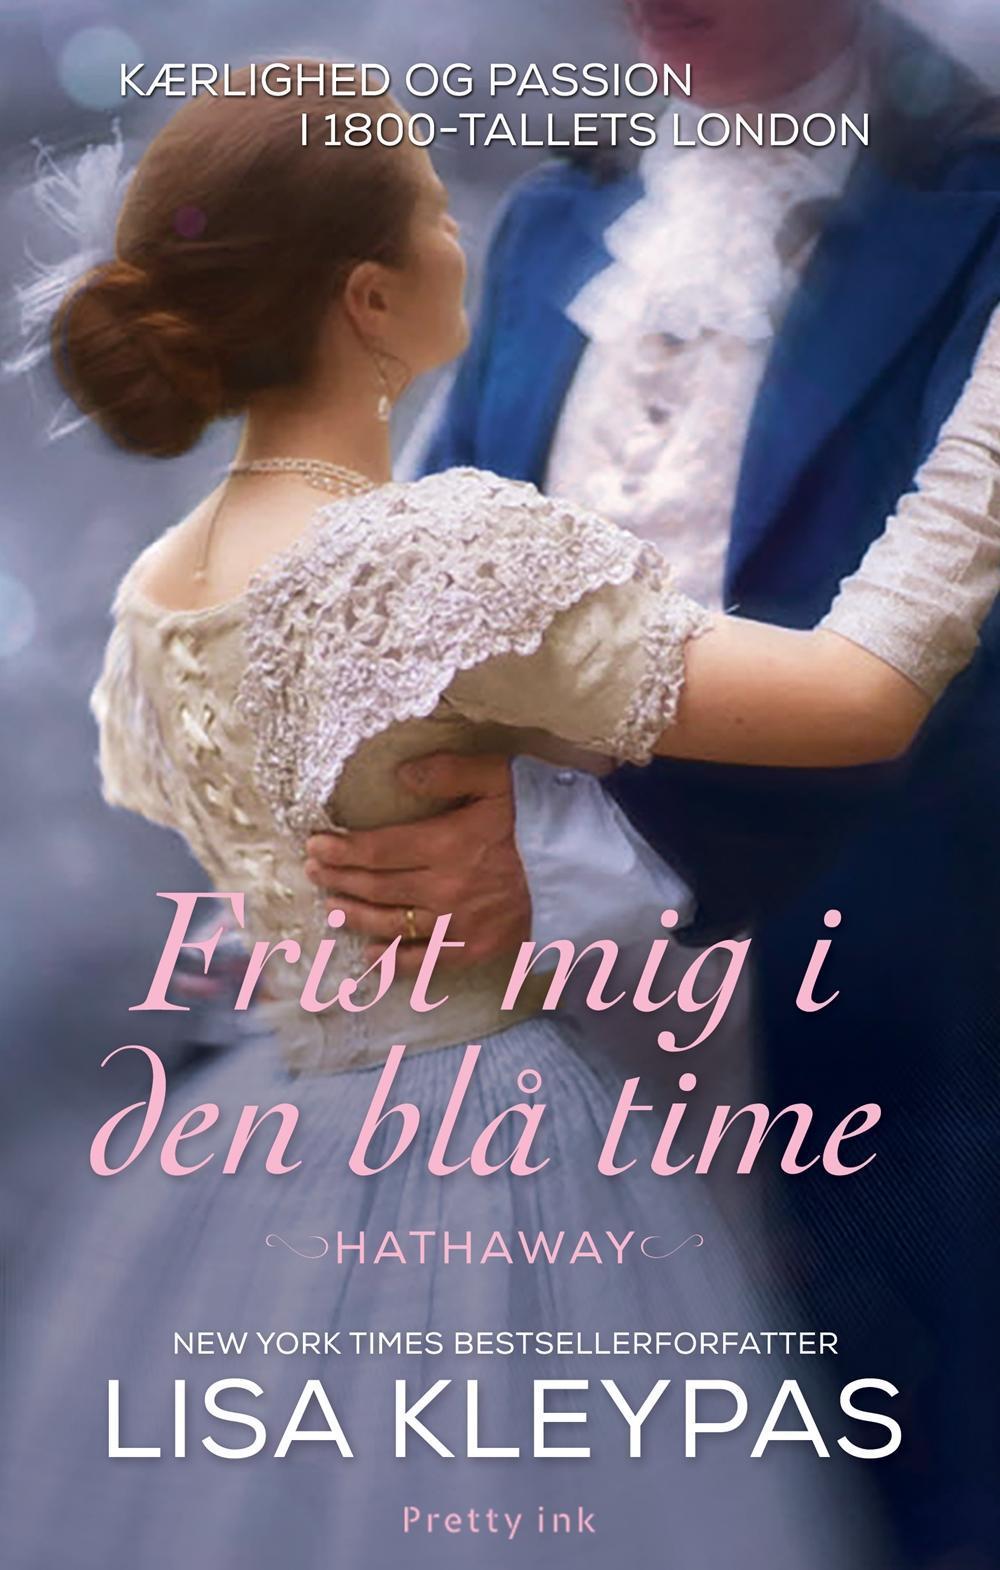 Frist mig i den blå time - Lisa Kleypas - Bøger - Flamingo - 9788763846745 - February 23, 2017